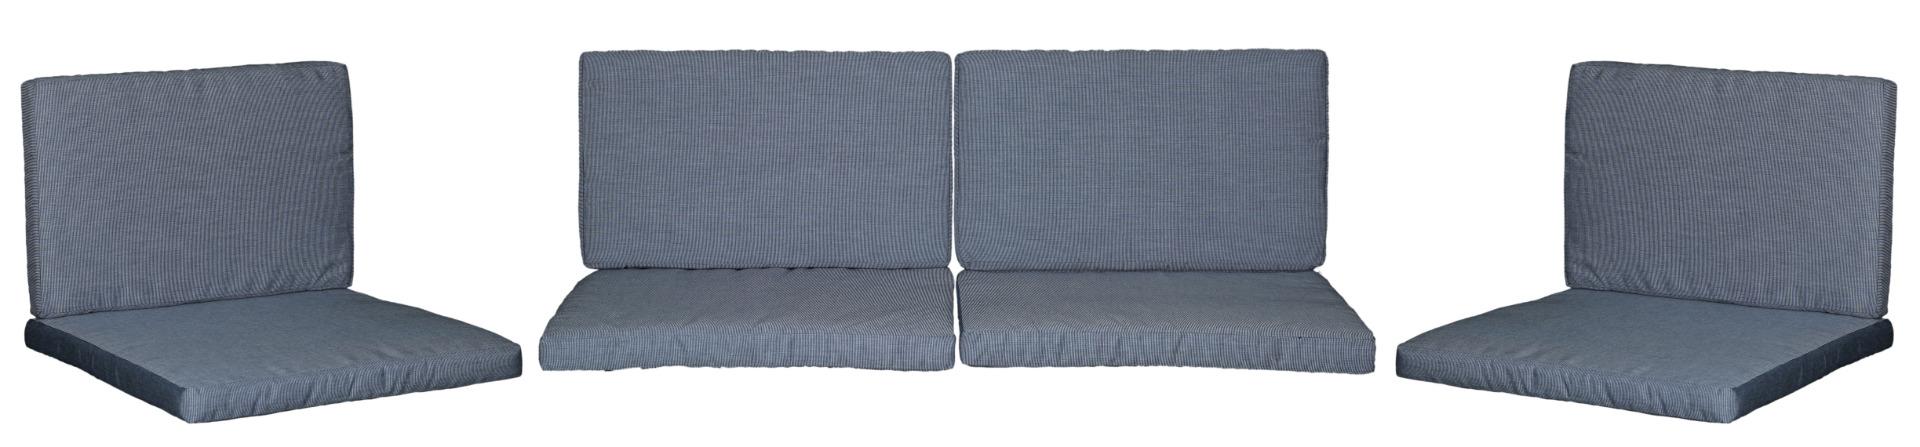 Ersatzkissen Set Lounge Gruppen Monaco in grau blau Streifen Dralonstoff mit Reissverschluss